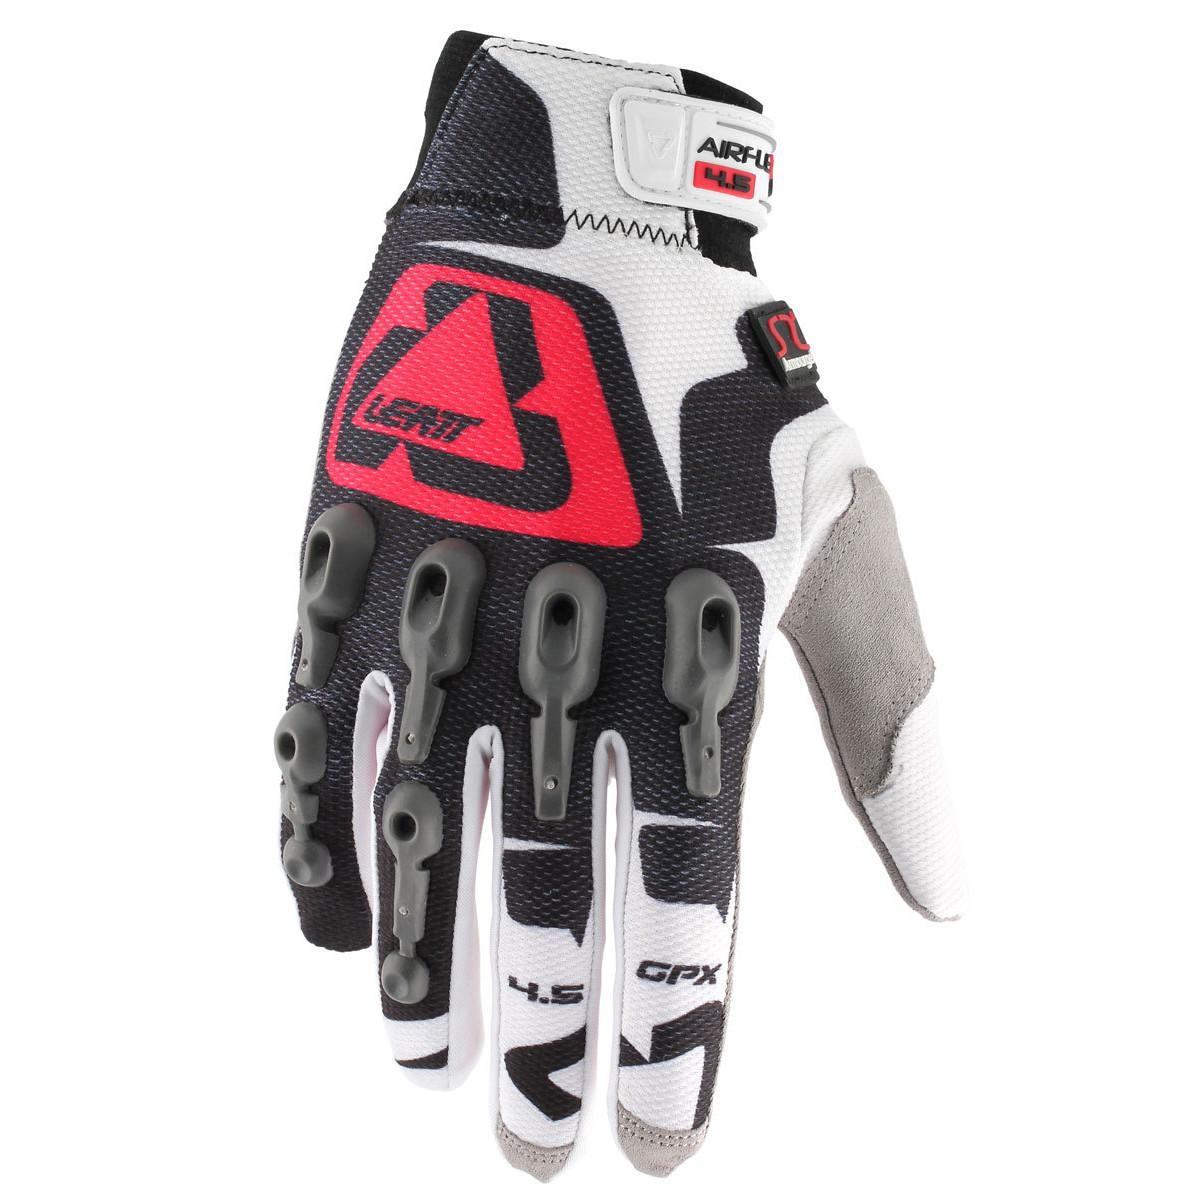 Leatt 4.5 Lite Gloves 2016-leatt-gpx-4-5-lite-gloves-mcss